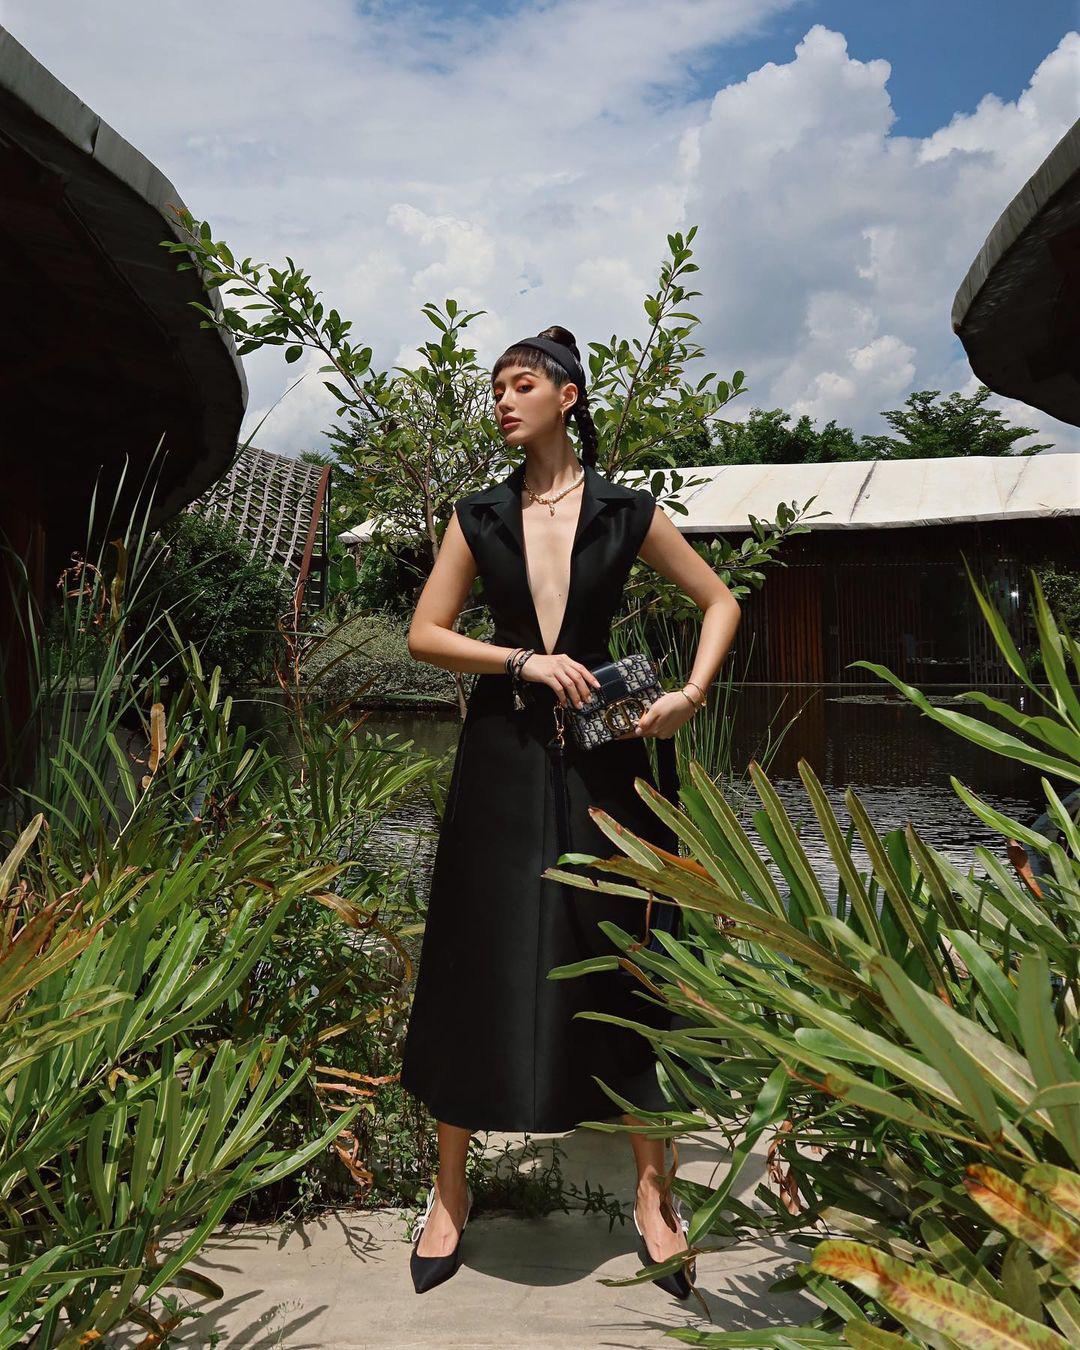 Váy Dior bị Suzy khâu tiệt để hở vừa vừa, Khánh Linh chơi lớn diện luôn bản gốc xẻ ngực sâu hoắm - Ảnh 2.